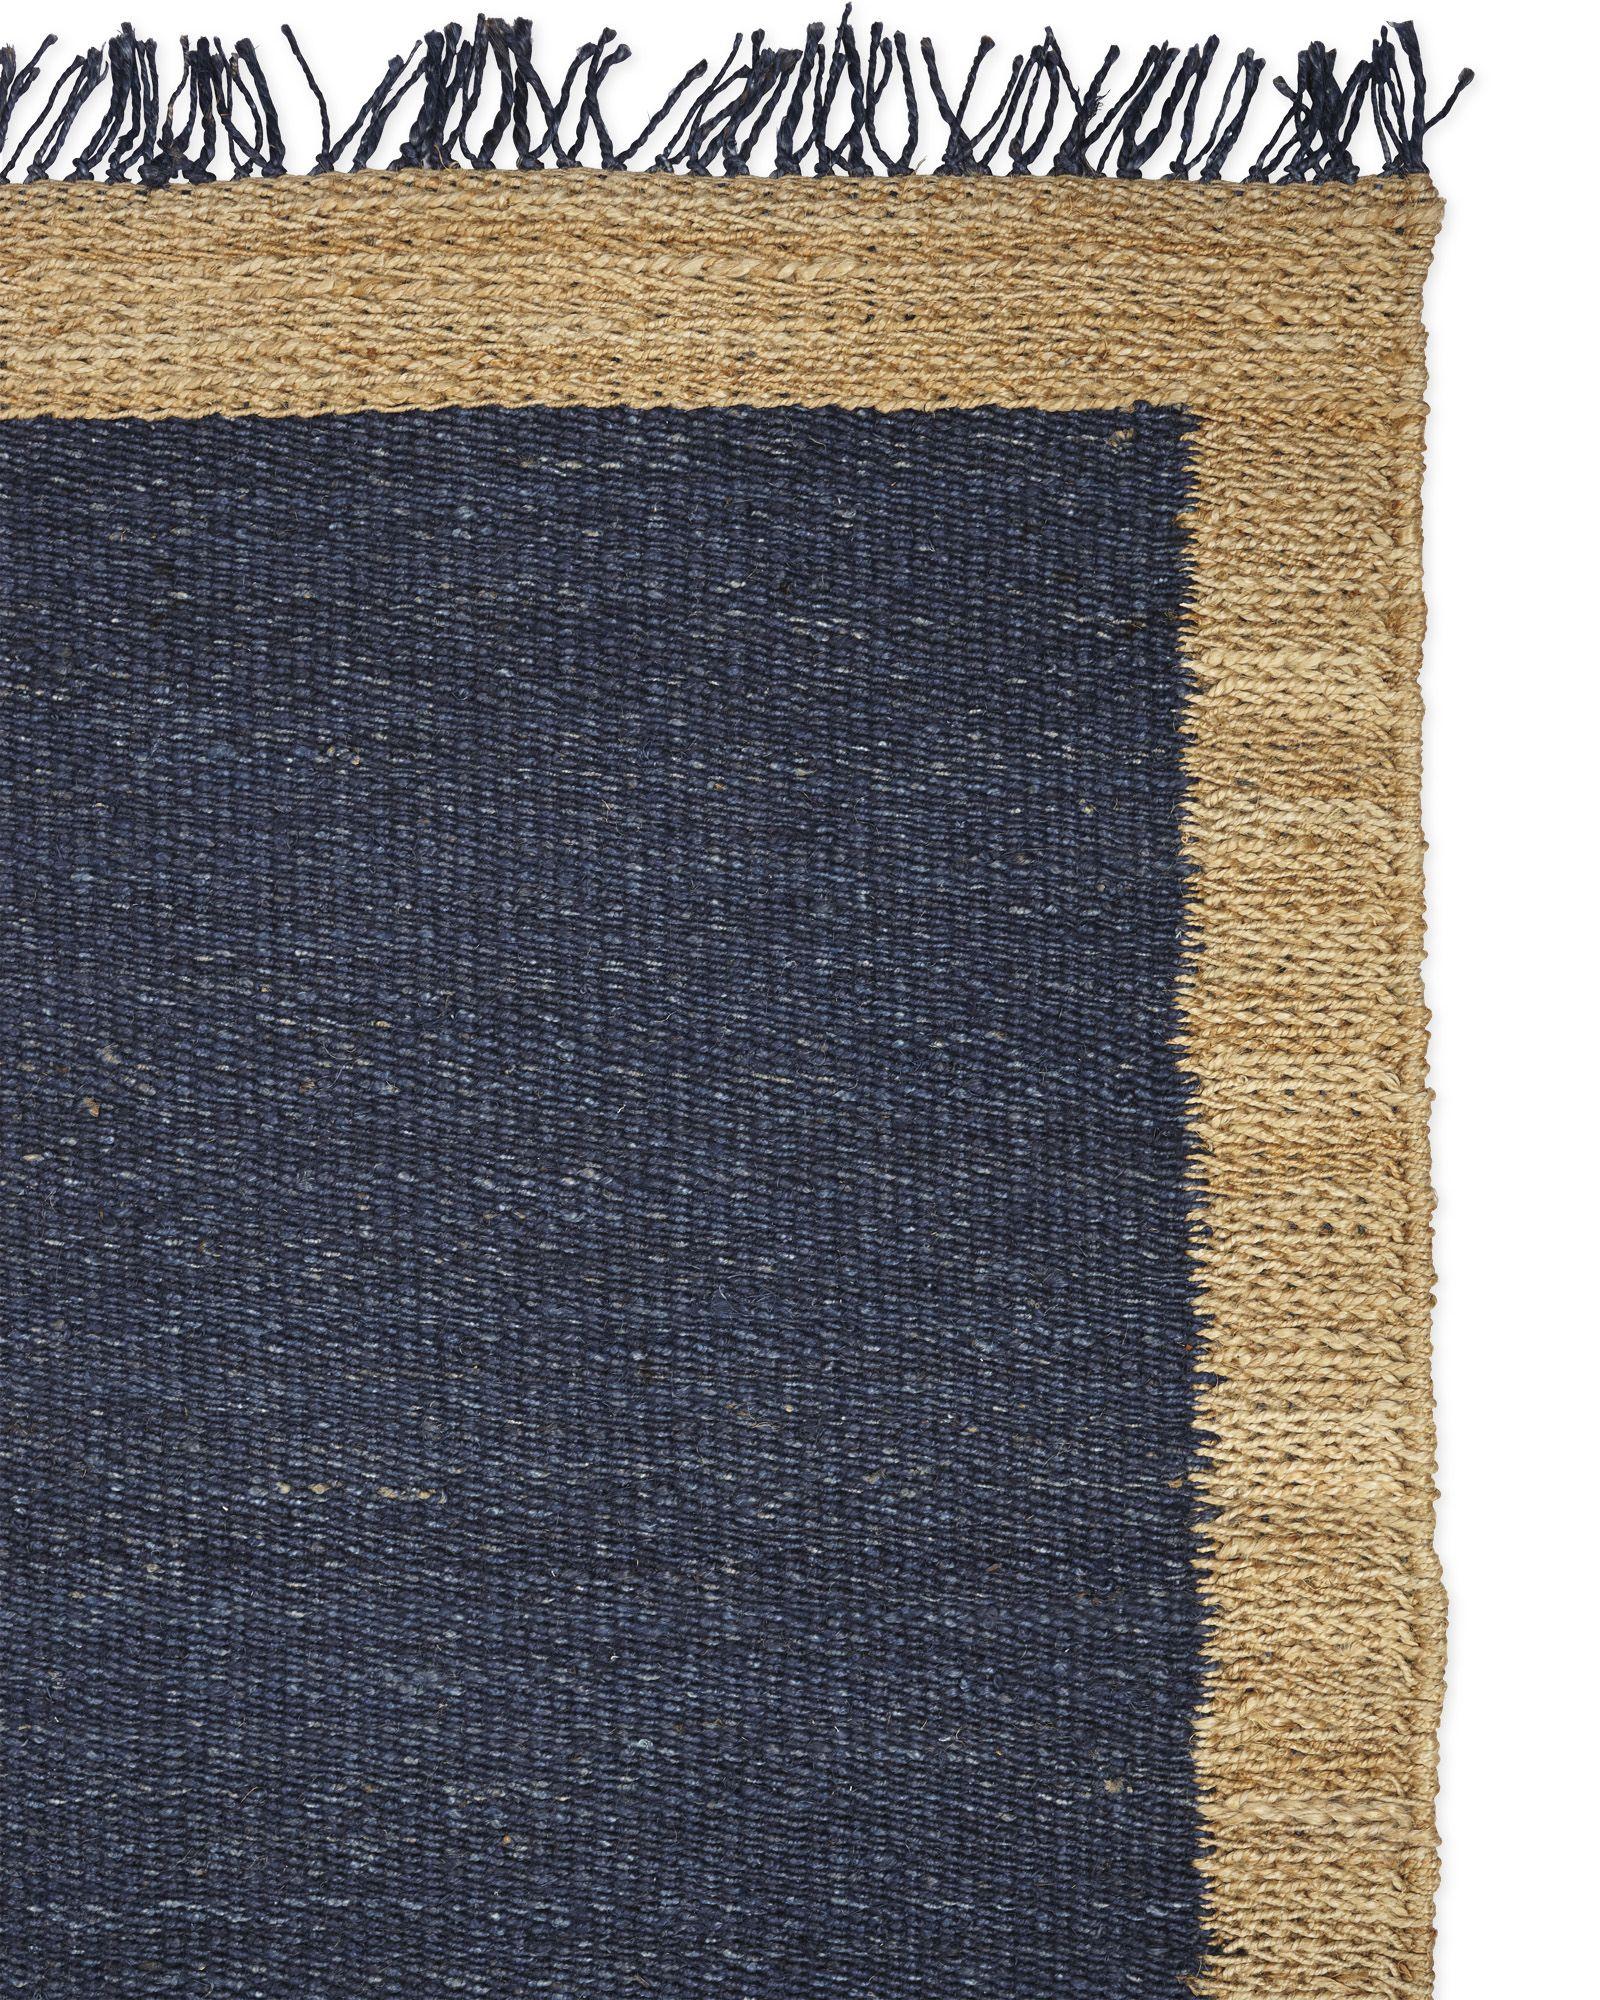 Jute Colorblock Rug Rg266 57 Rugs On Carpet Rugs Color Blocking